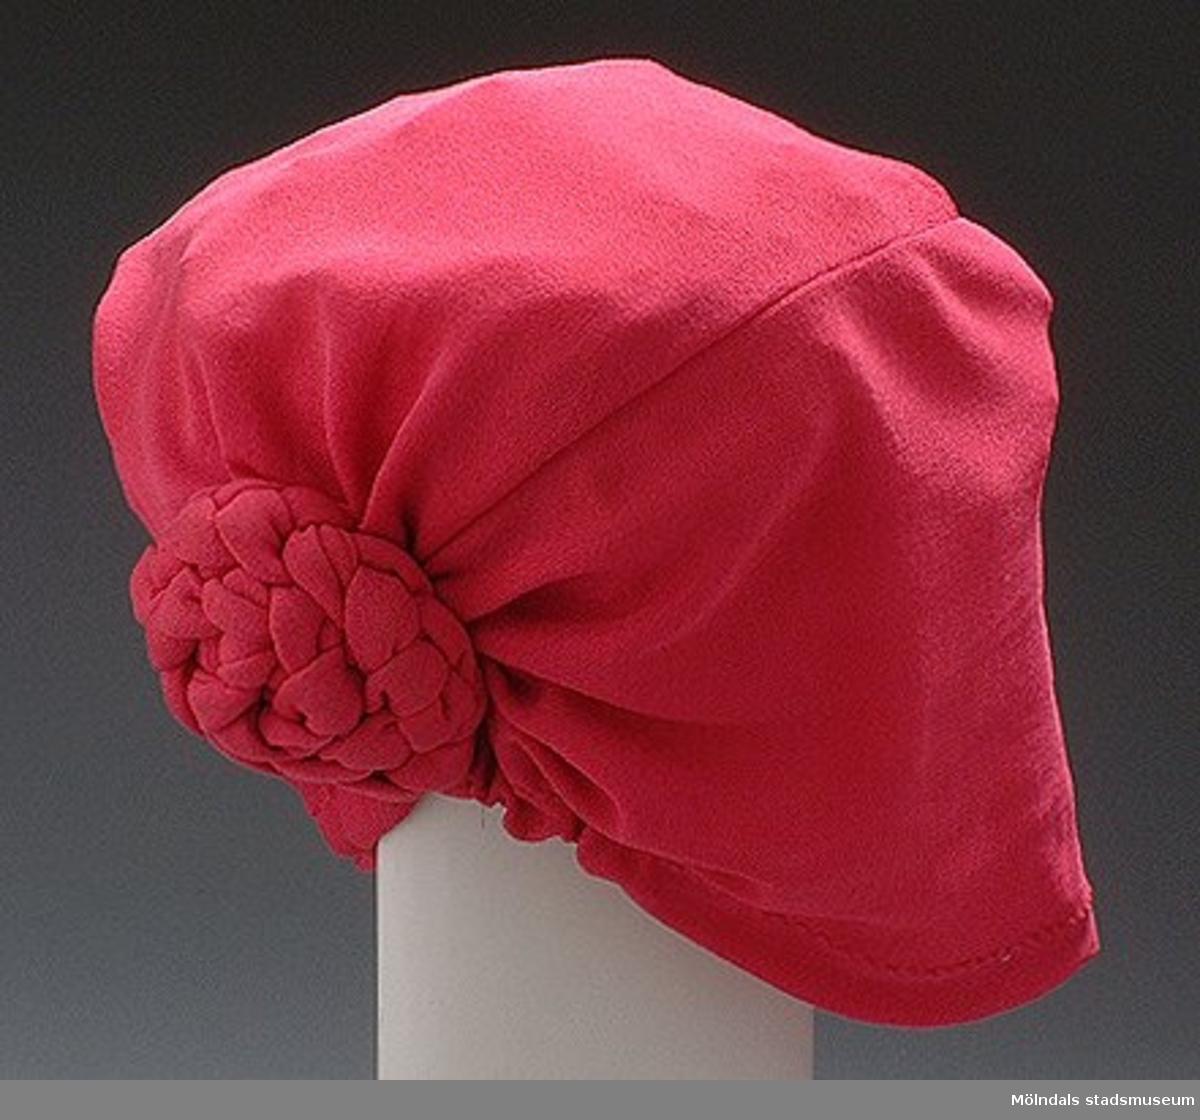 Rosa hatt/mössa med en knut bak på.Det finns också tillhörande blus, kjol och kavaj: invnr. MM03346:1, MM03346:2, MM03346:3.Måtten:Höjd 200 mm, diam. 200 mm.